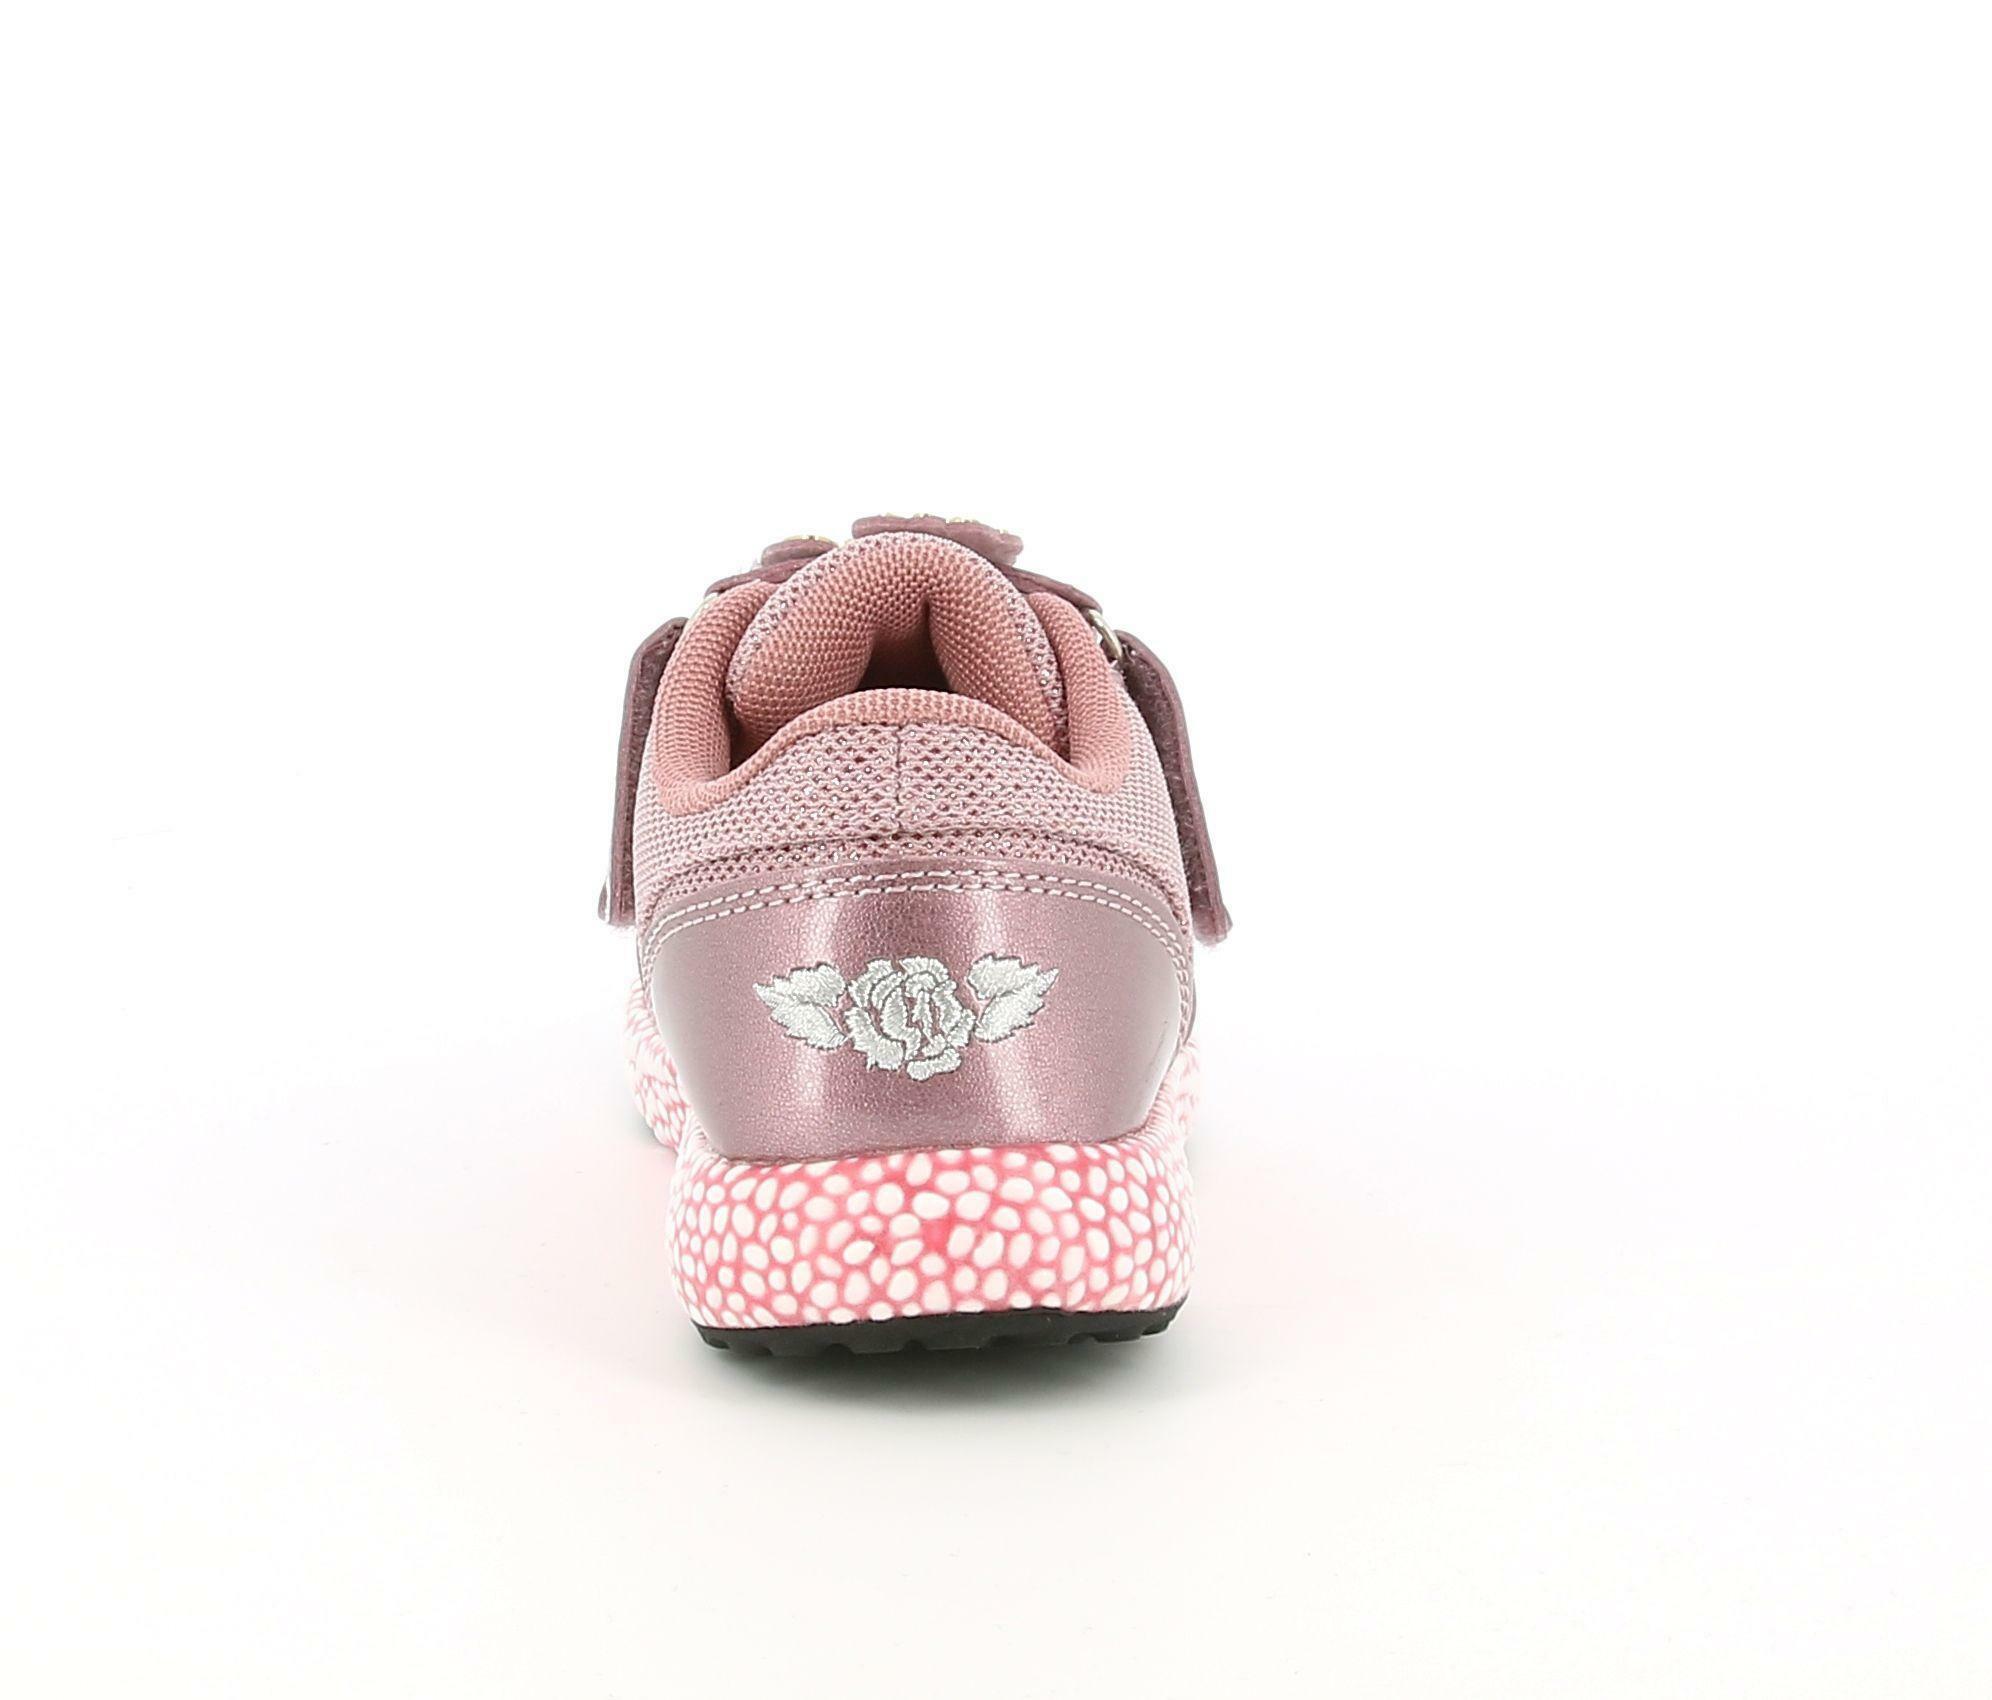 lelli kelly lelli kelly strappo sportivo pop corn lk5900 da bambina cipria rosa